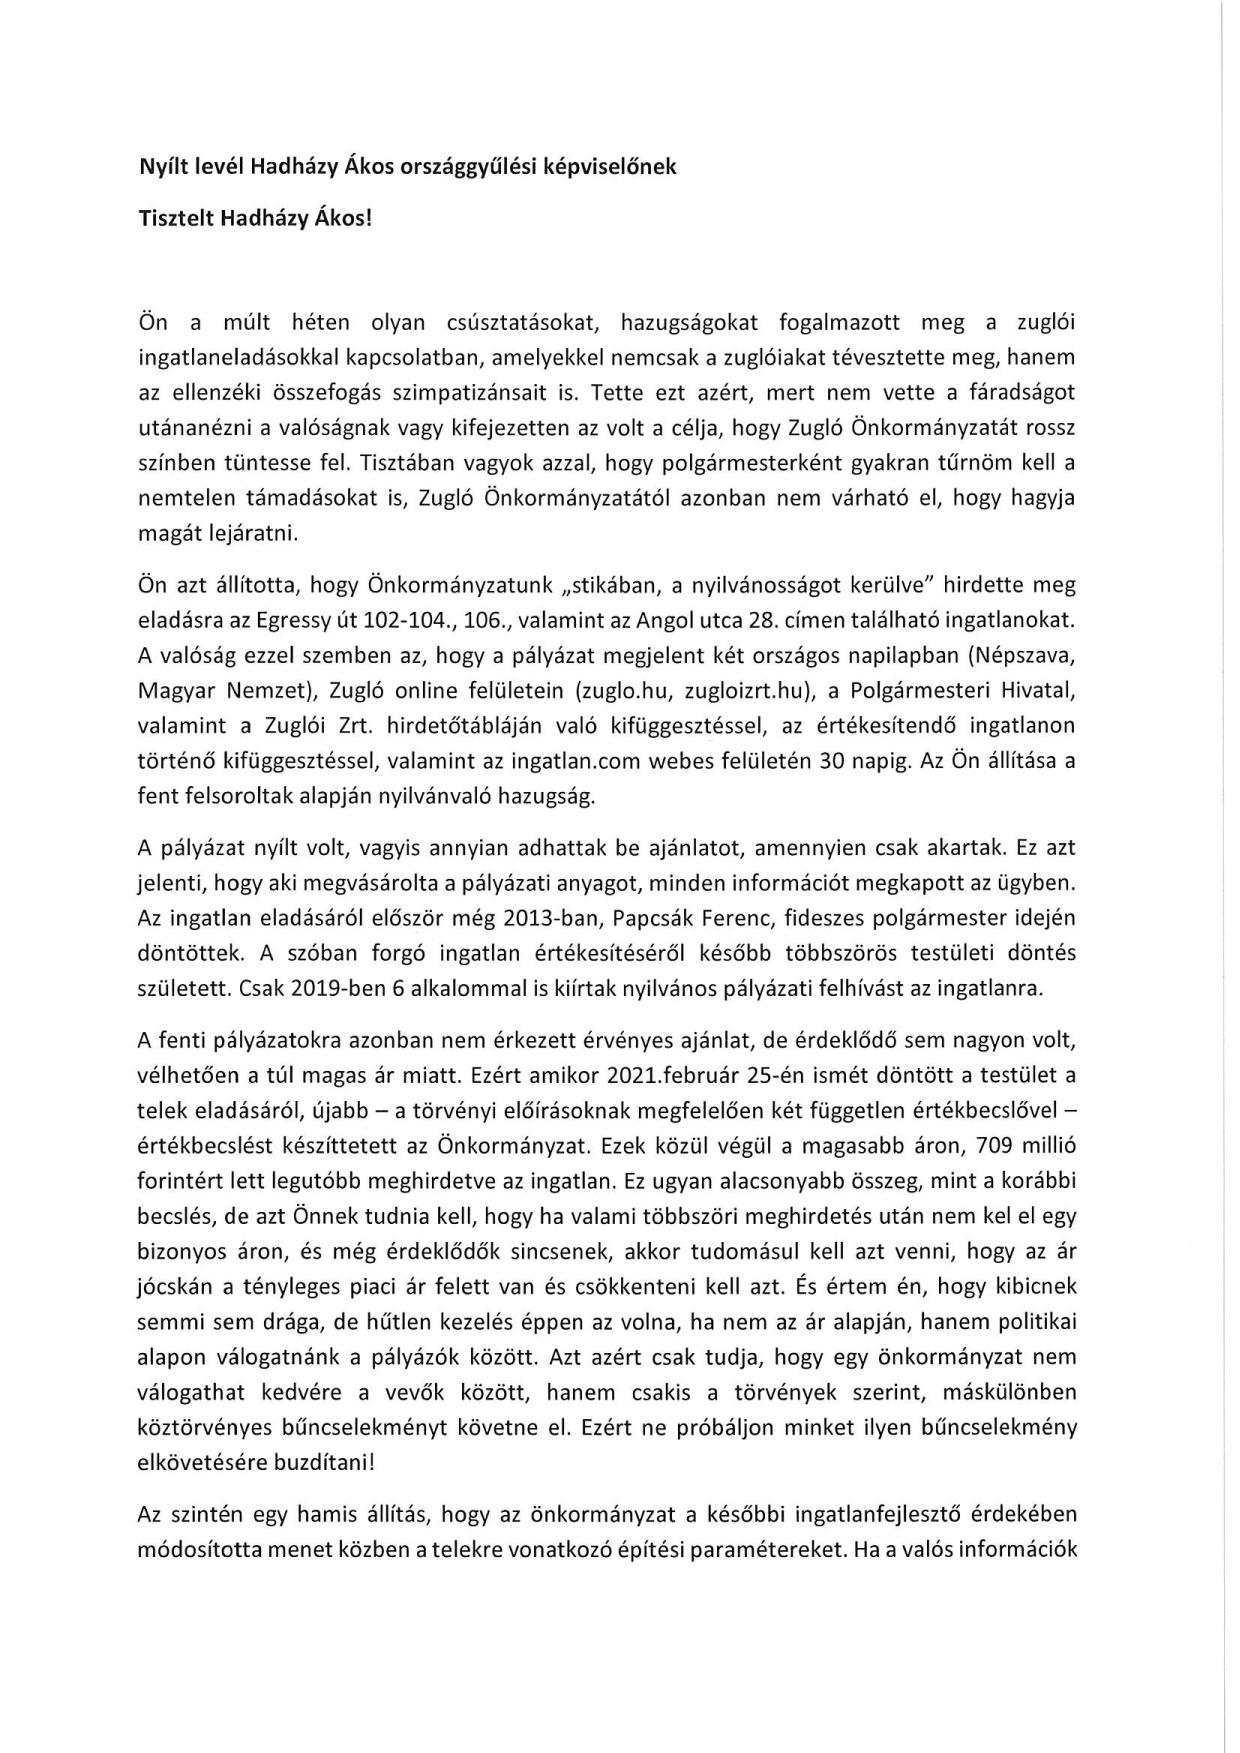 Hadházy Ákos nyílt levél